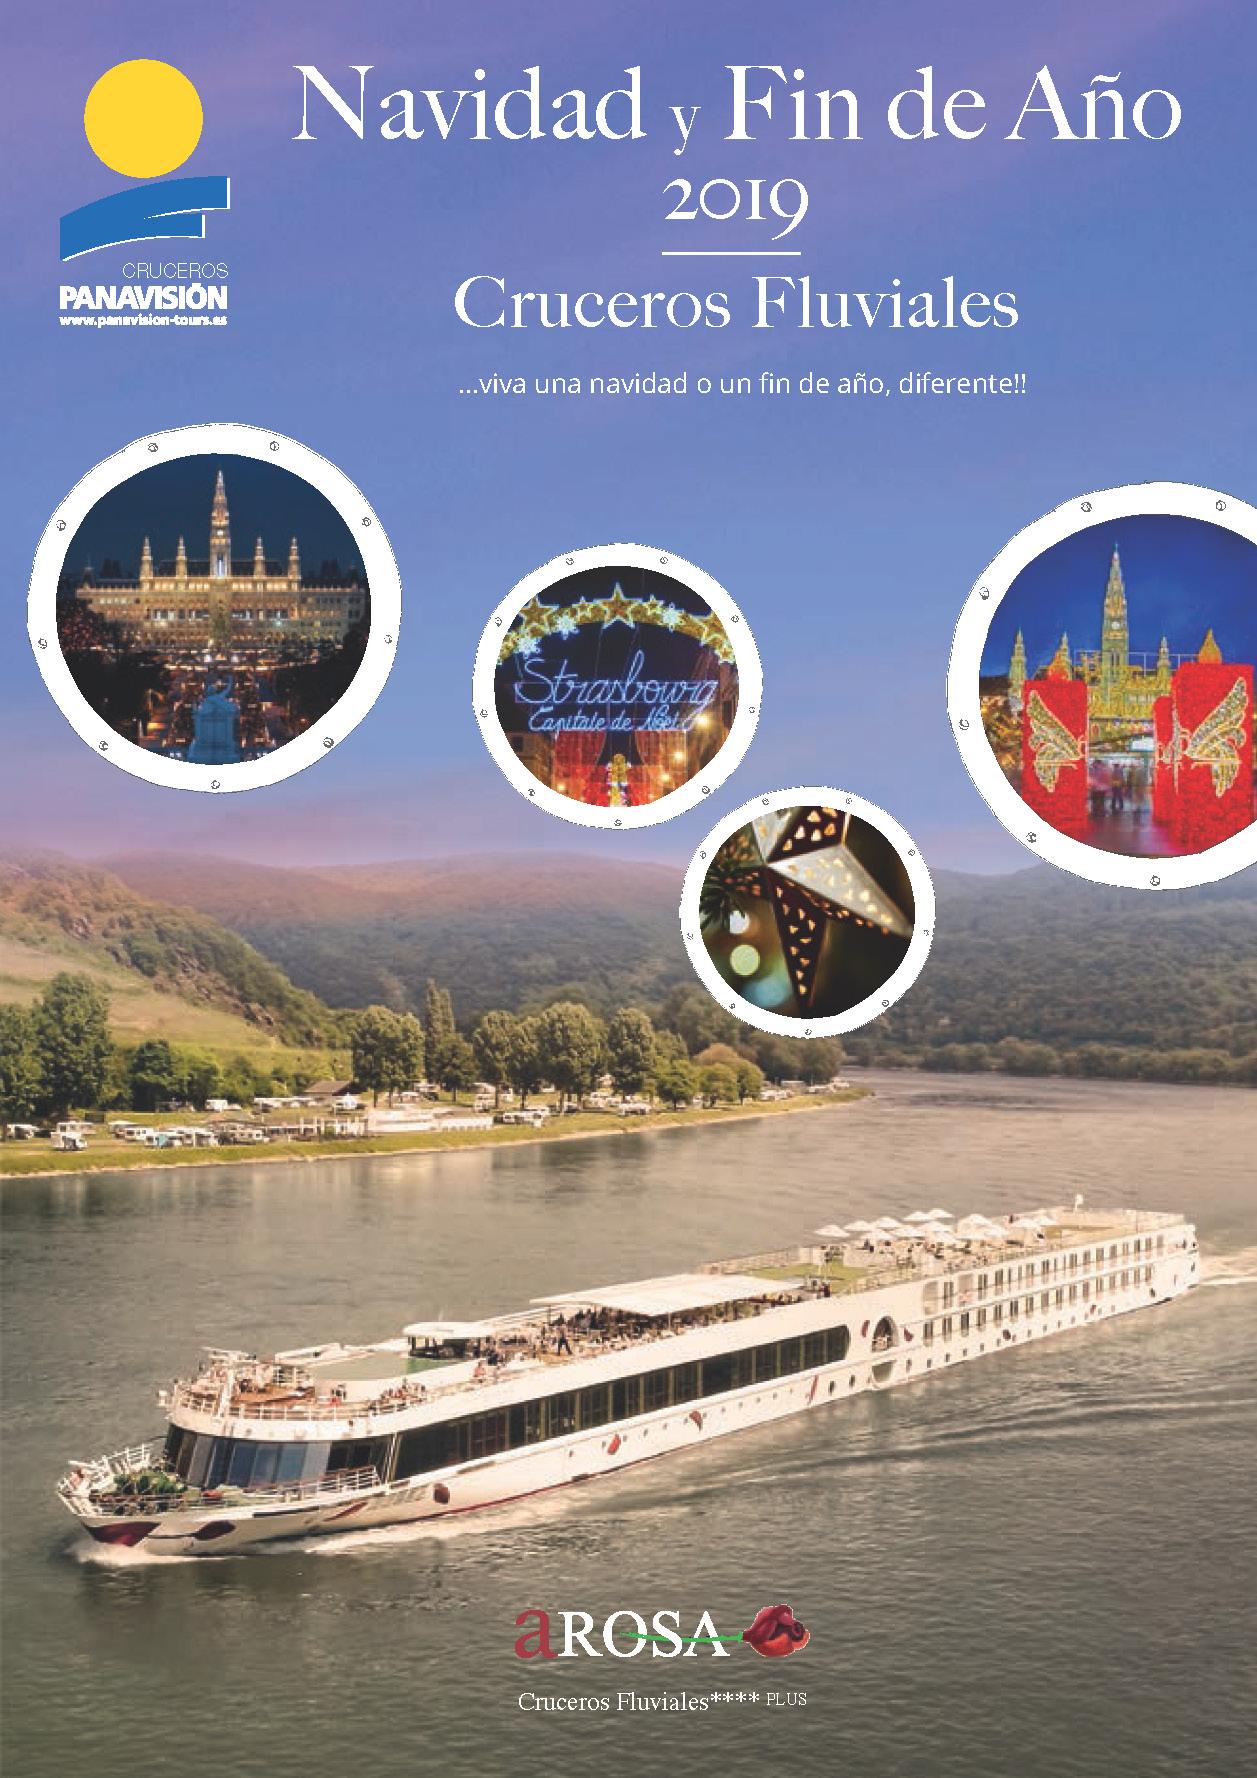 Catalogo Panavision Tours Cruceros Fluviales Navidad y Fin de Año 2019 CX9